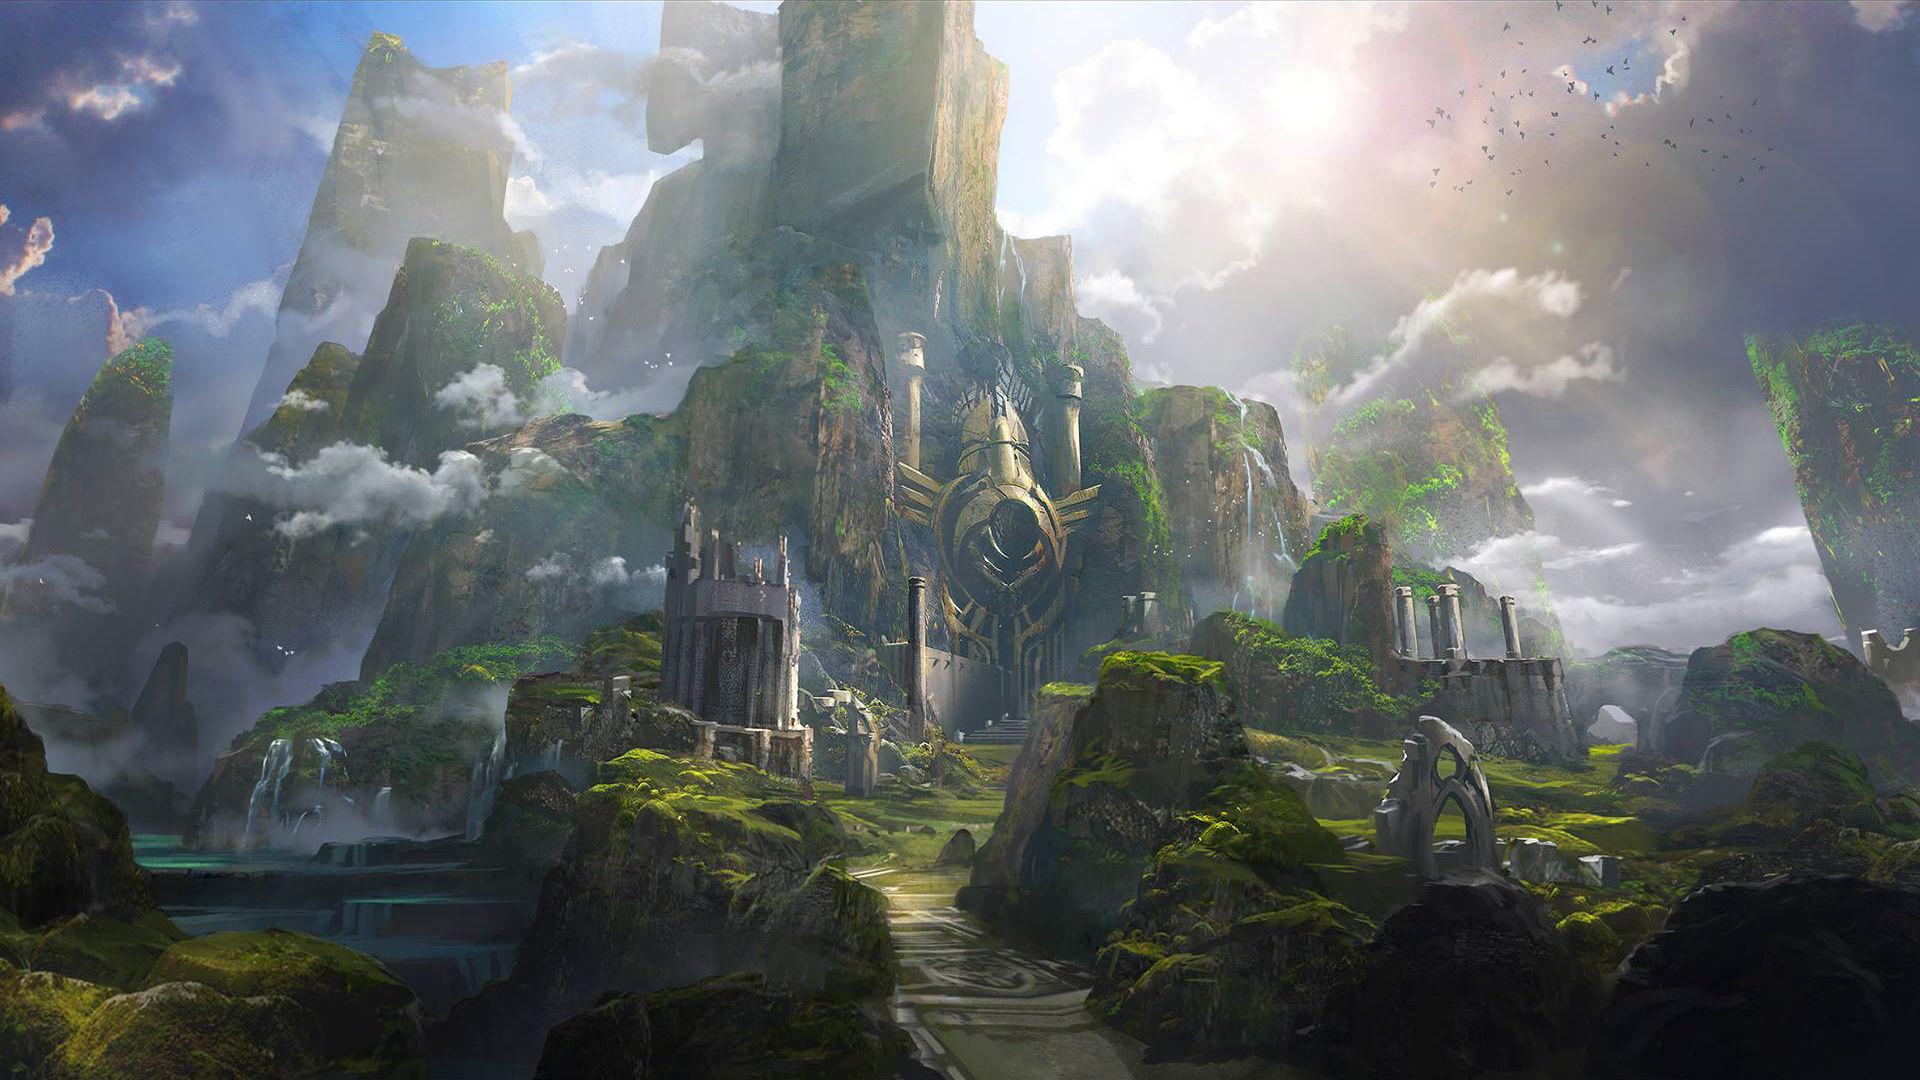 fantasy wallpaper 1080p